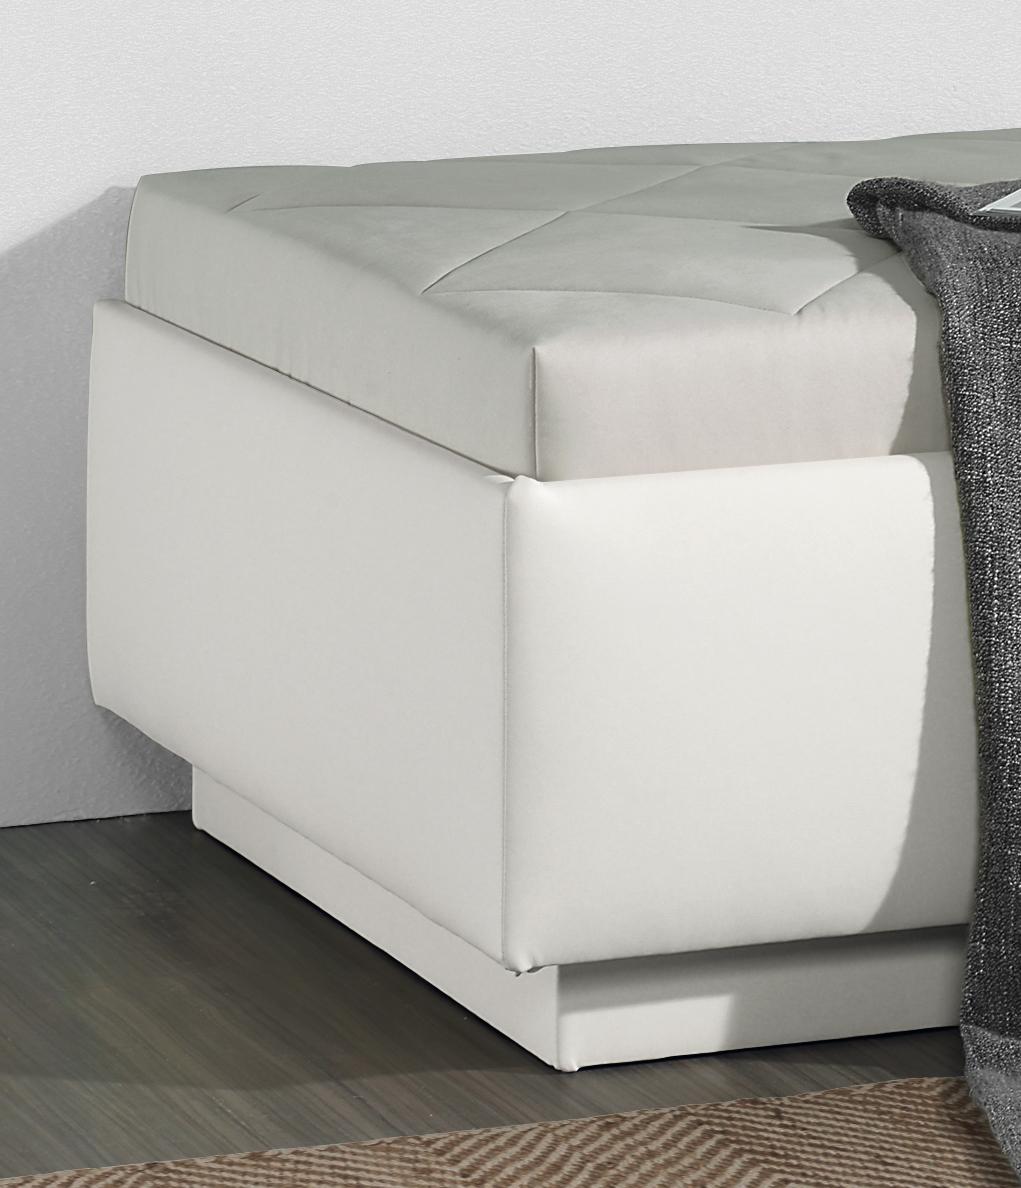 relaxliege in hochwertigem kunstleder mit bettkasten eriko. Black Bedroom Furniture Sets. Home Design Ideas